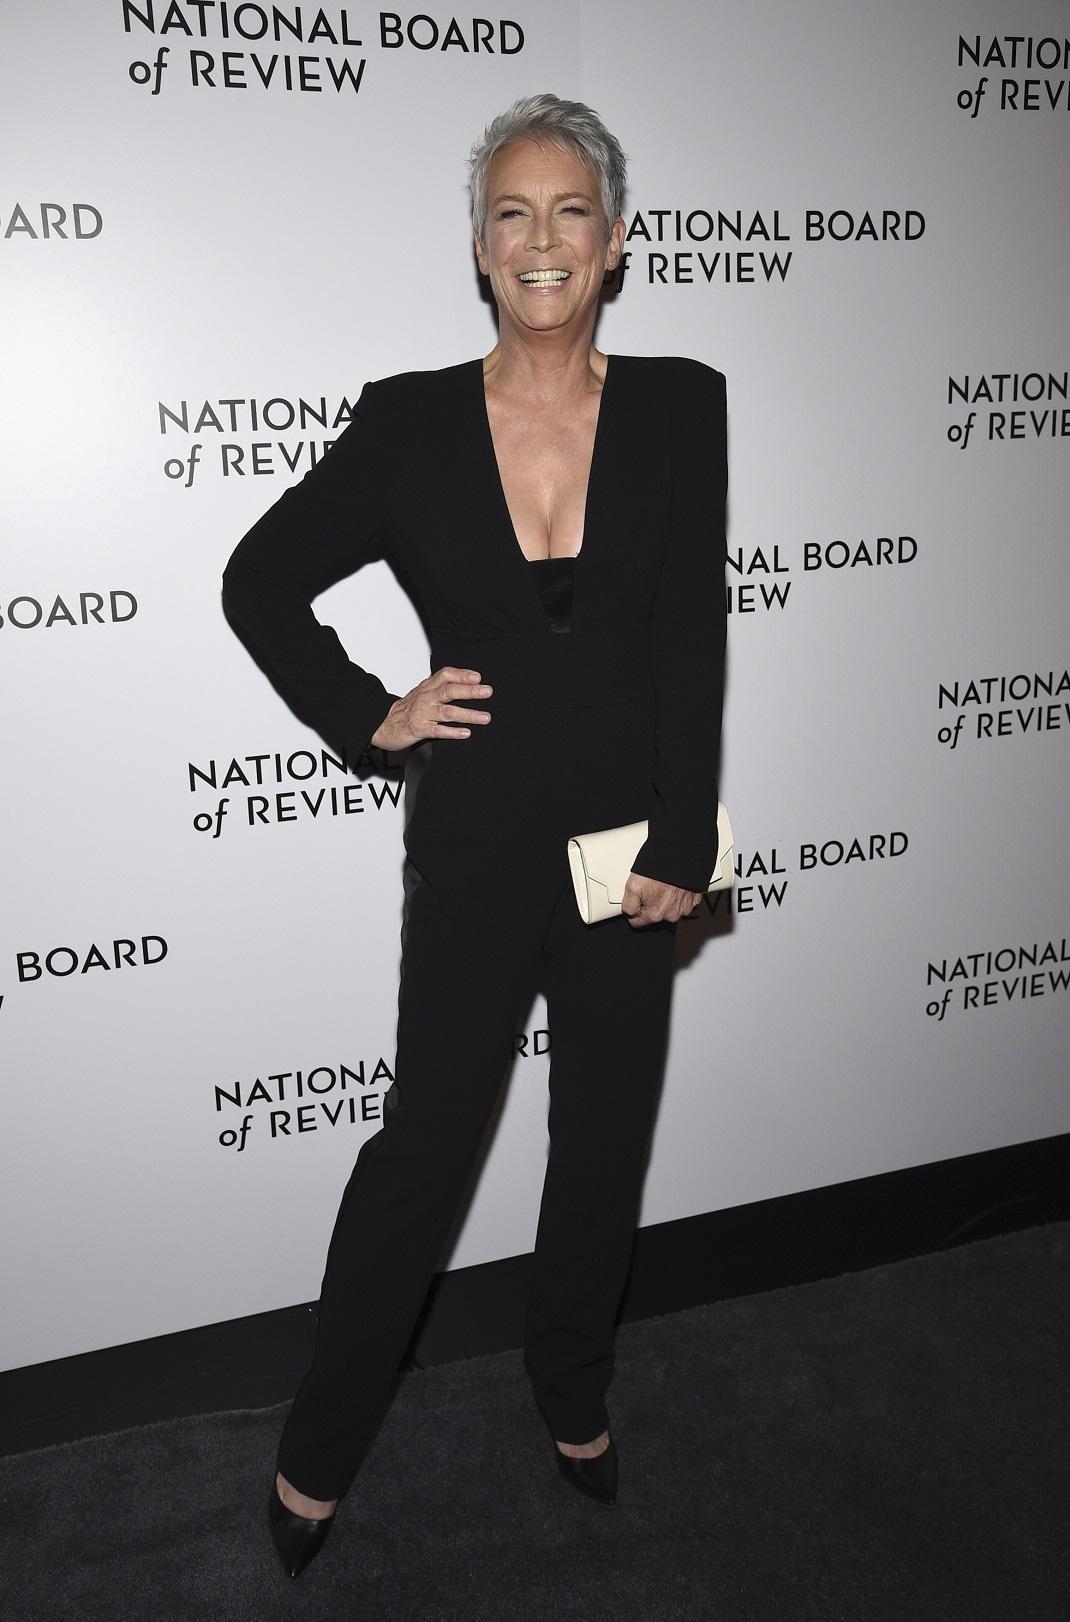 Η Τζέιμι Λι Κέρτις με μαύρο κοστούμι